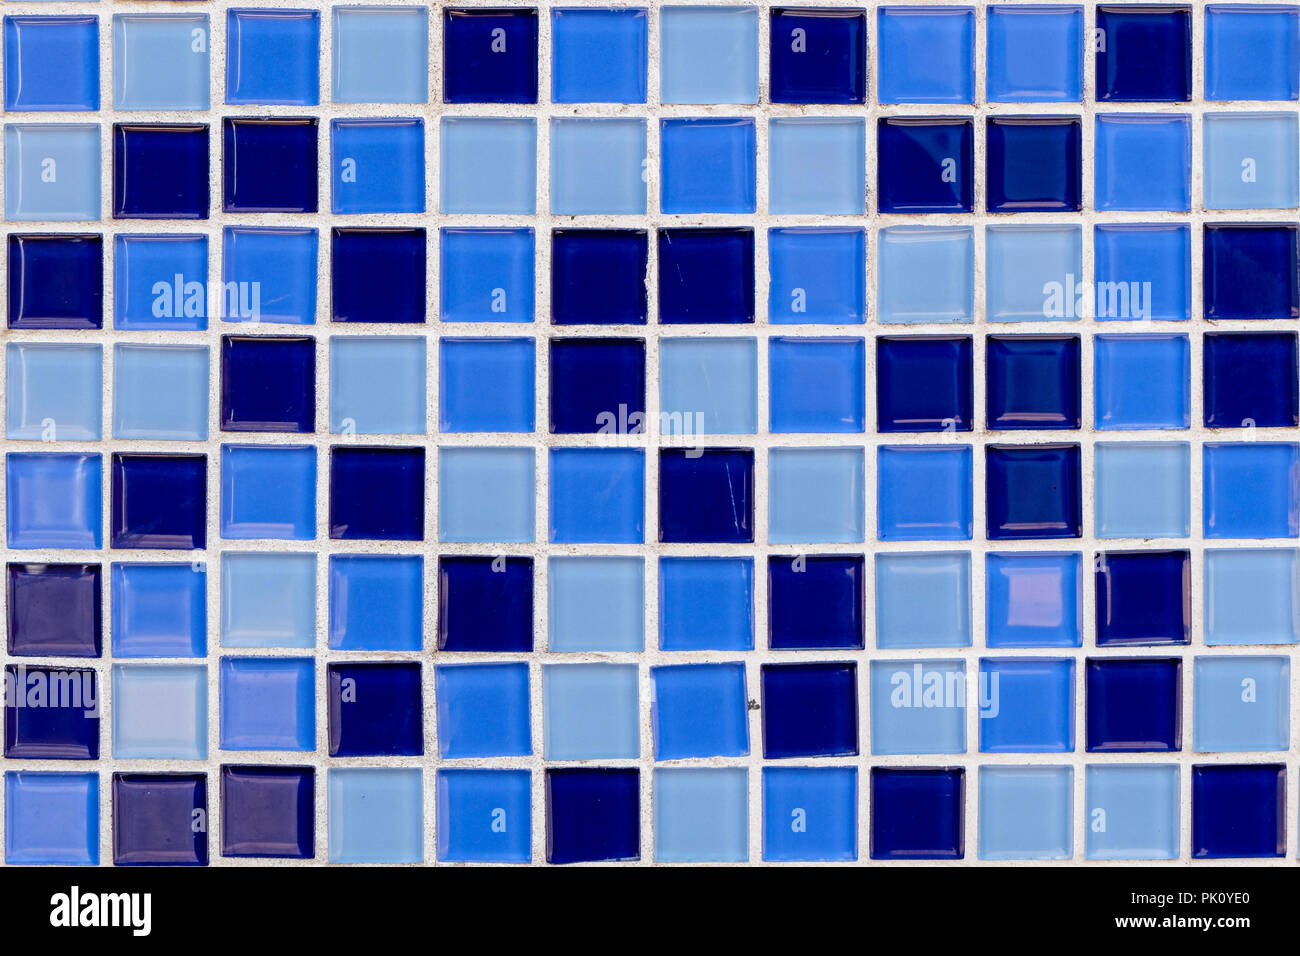 Abstrakt Blau Mosaik Fliesen Fur Hintergrund Fur Ihr Design